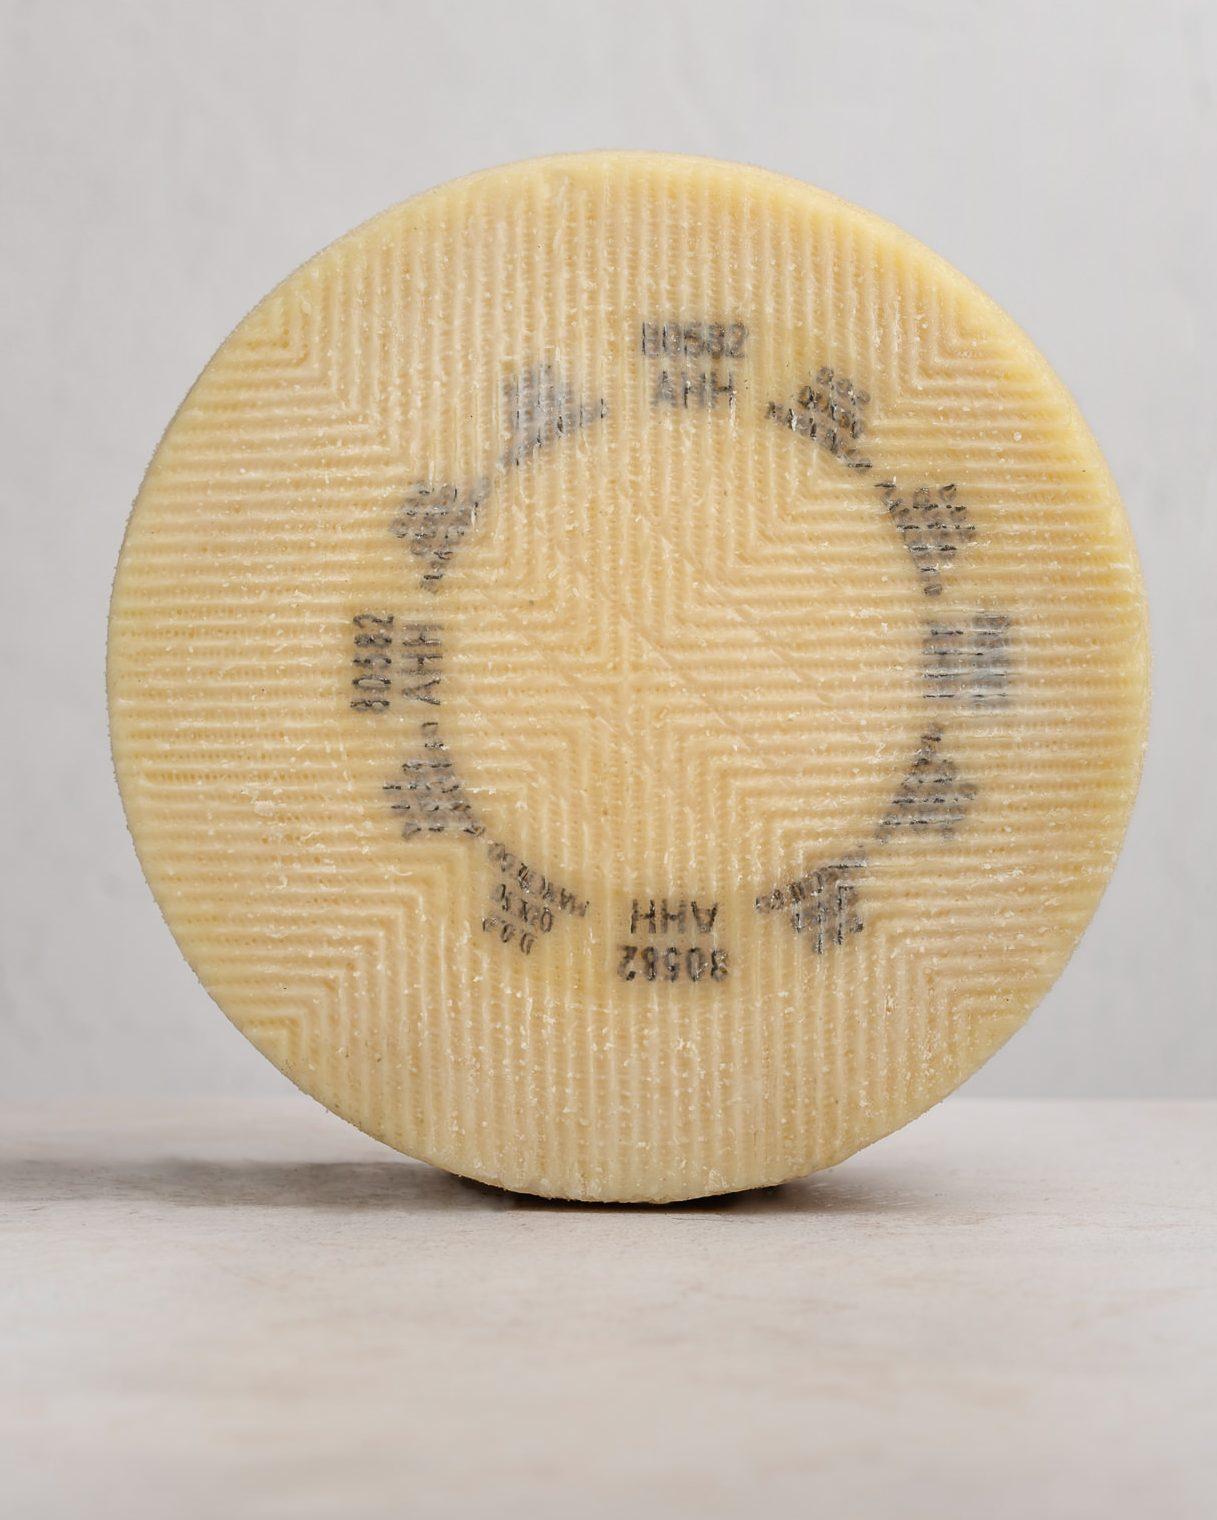 Artequeso Semicurado con placa de caseína